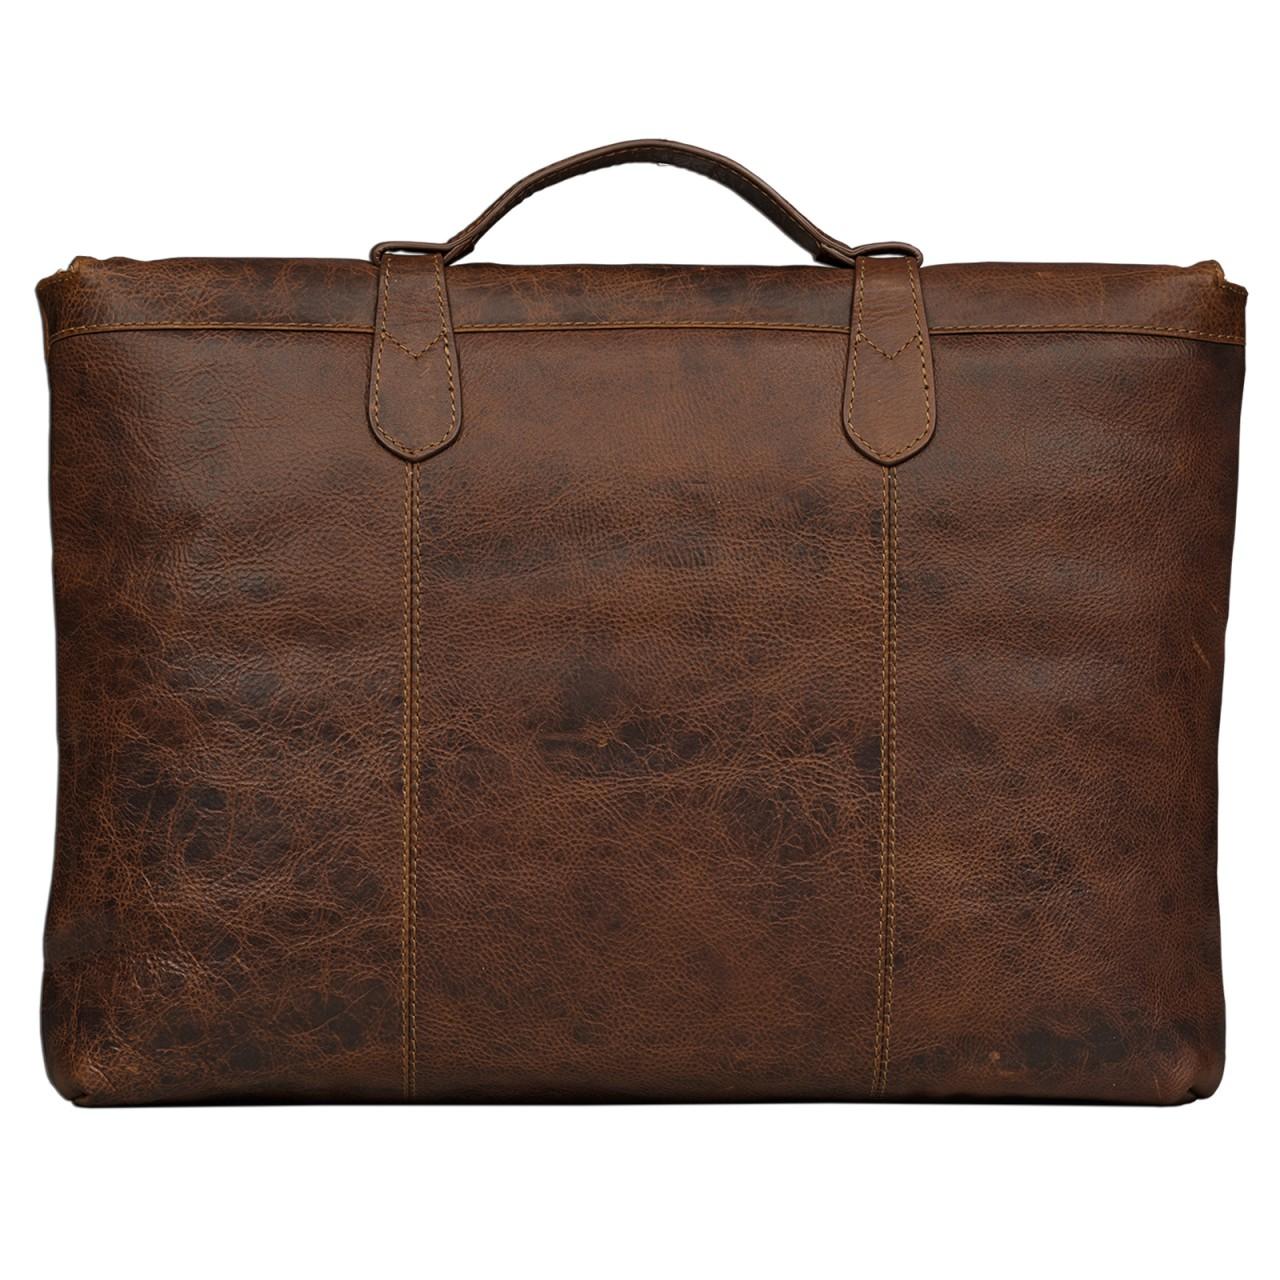 STILORD kleine Vintage Aktentasche elegante Businesstasche aus echtem Leder mit Schloss Rinds Leder Braun - Bild 3